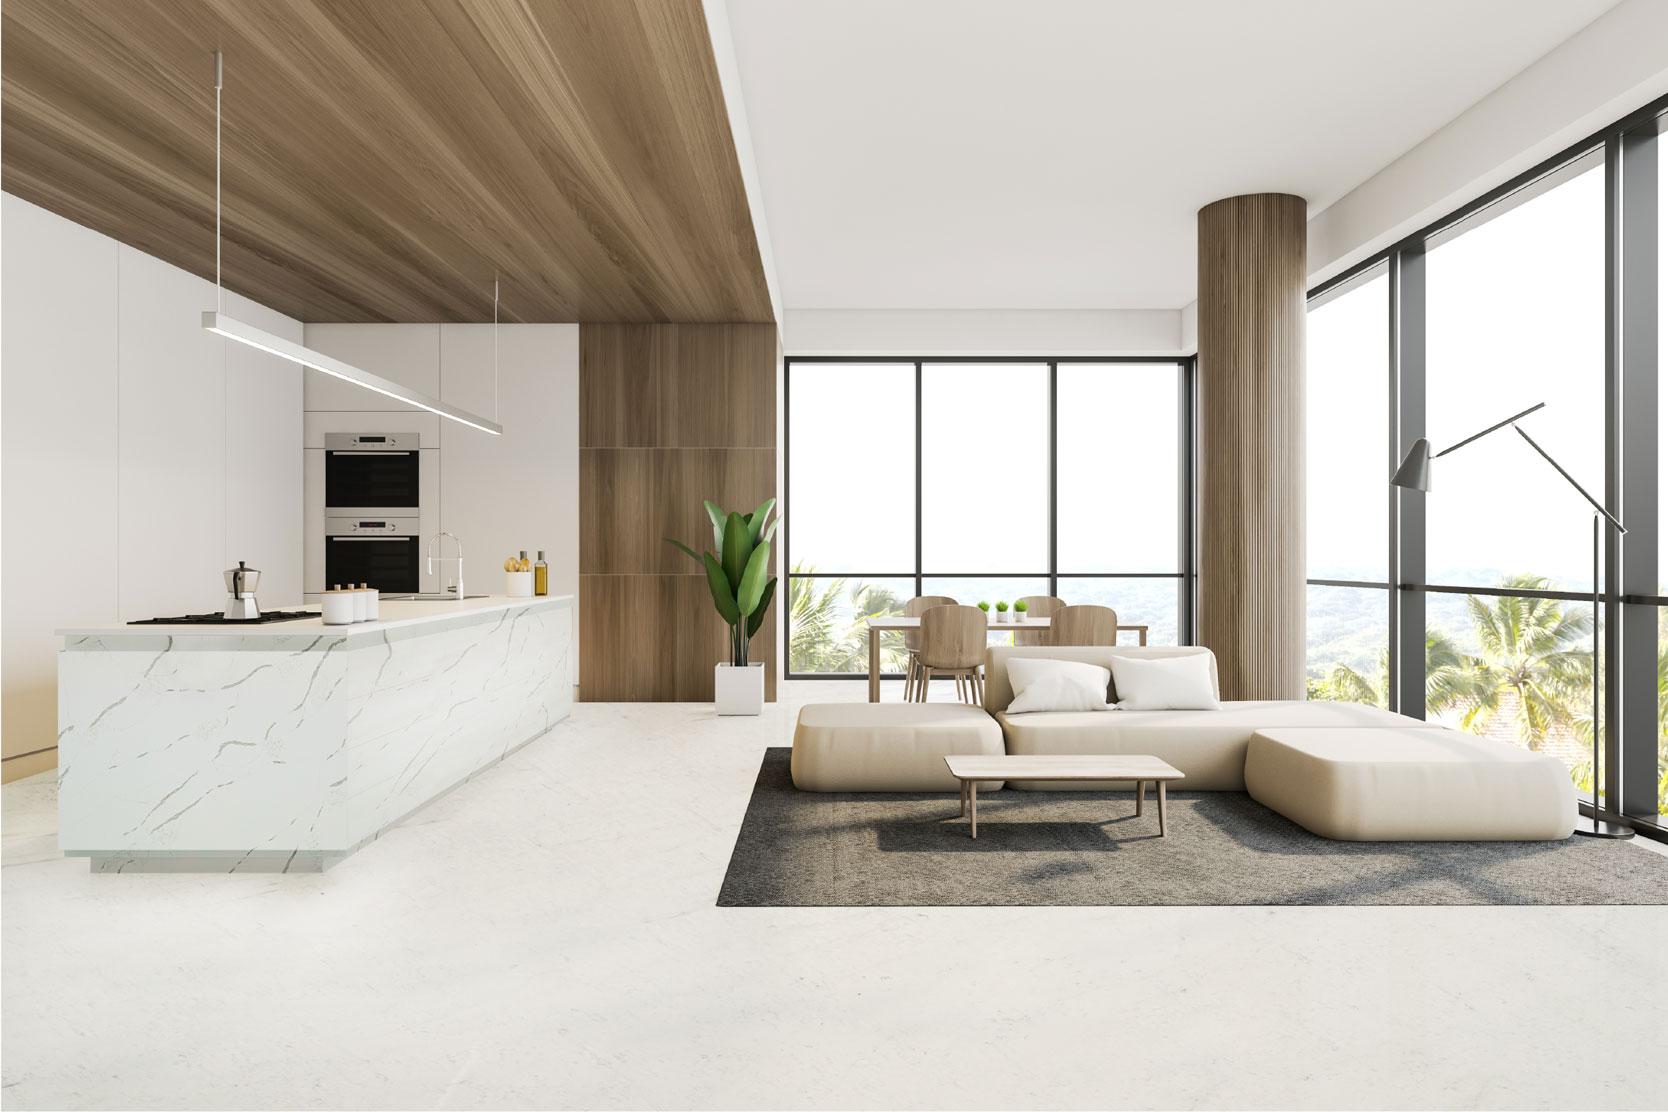 Bí quyết trang trí nội thất đẹp, hiện đại với đá nhân tạo Caslaquartz